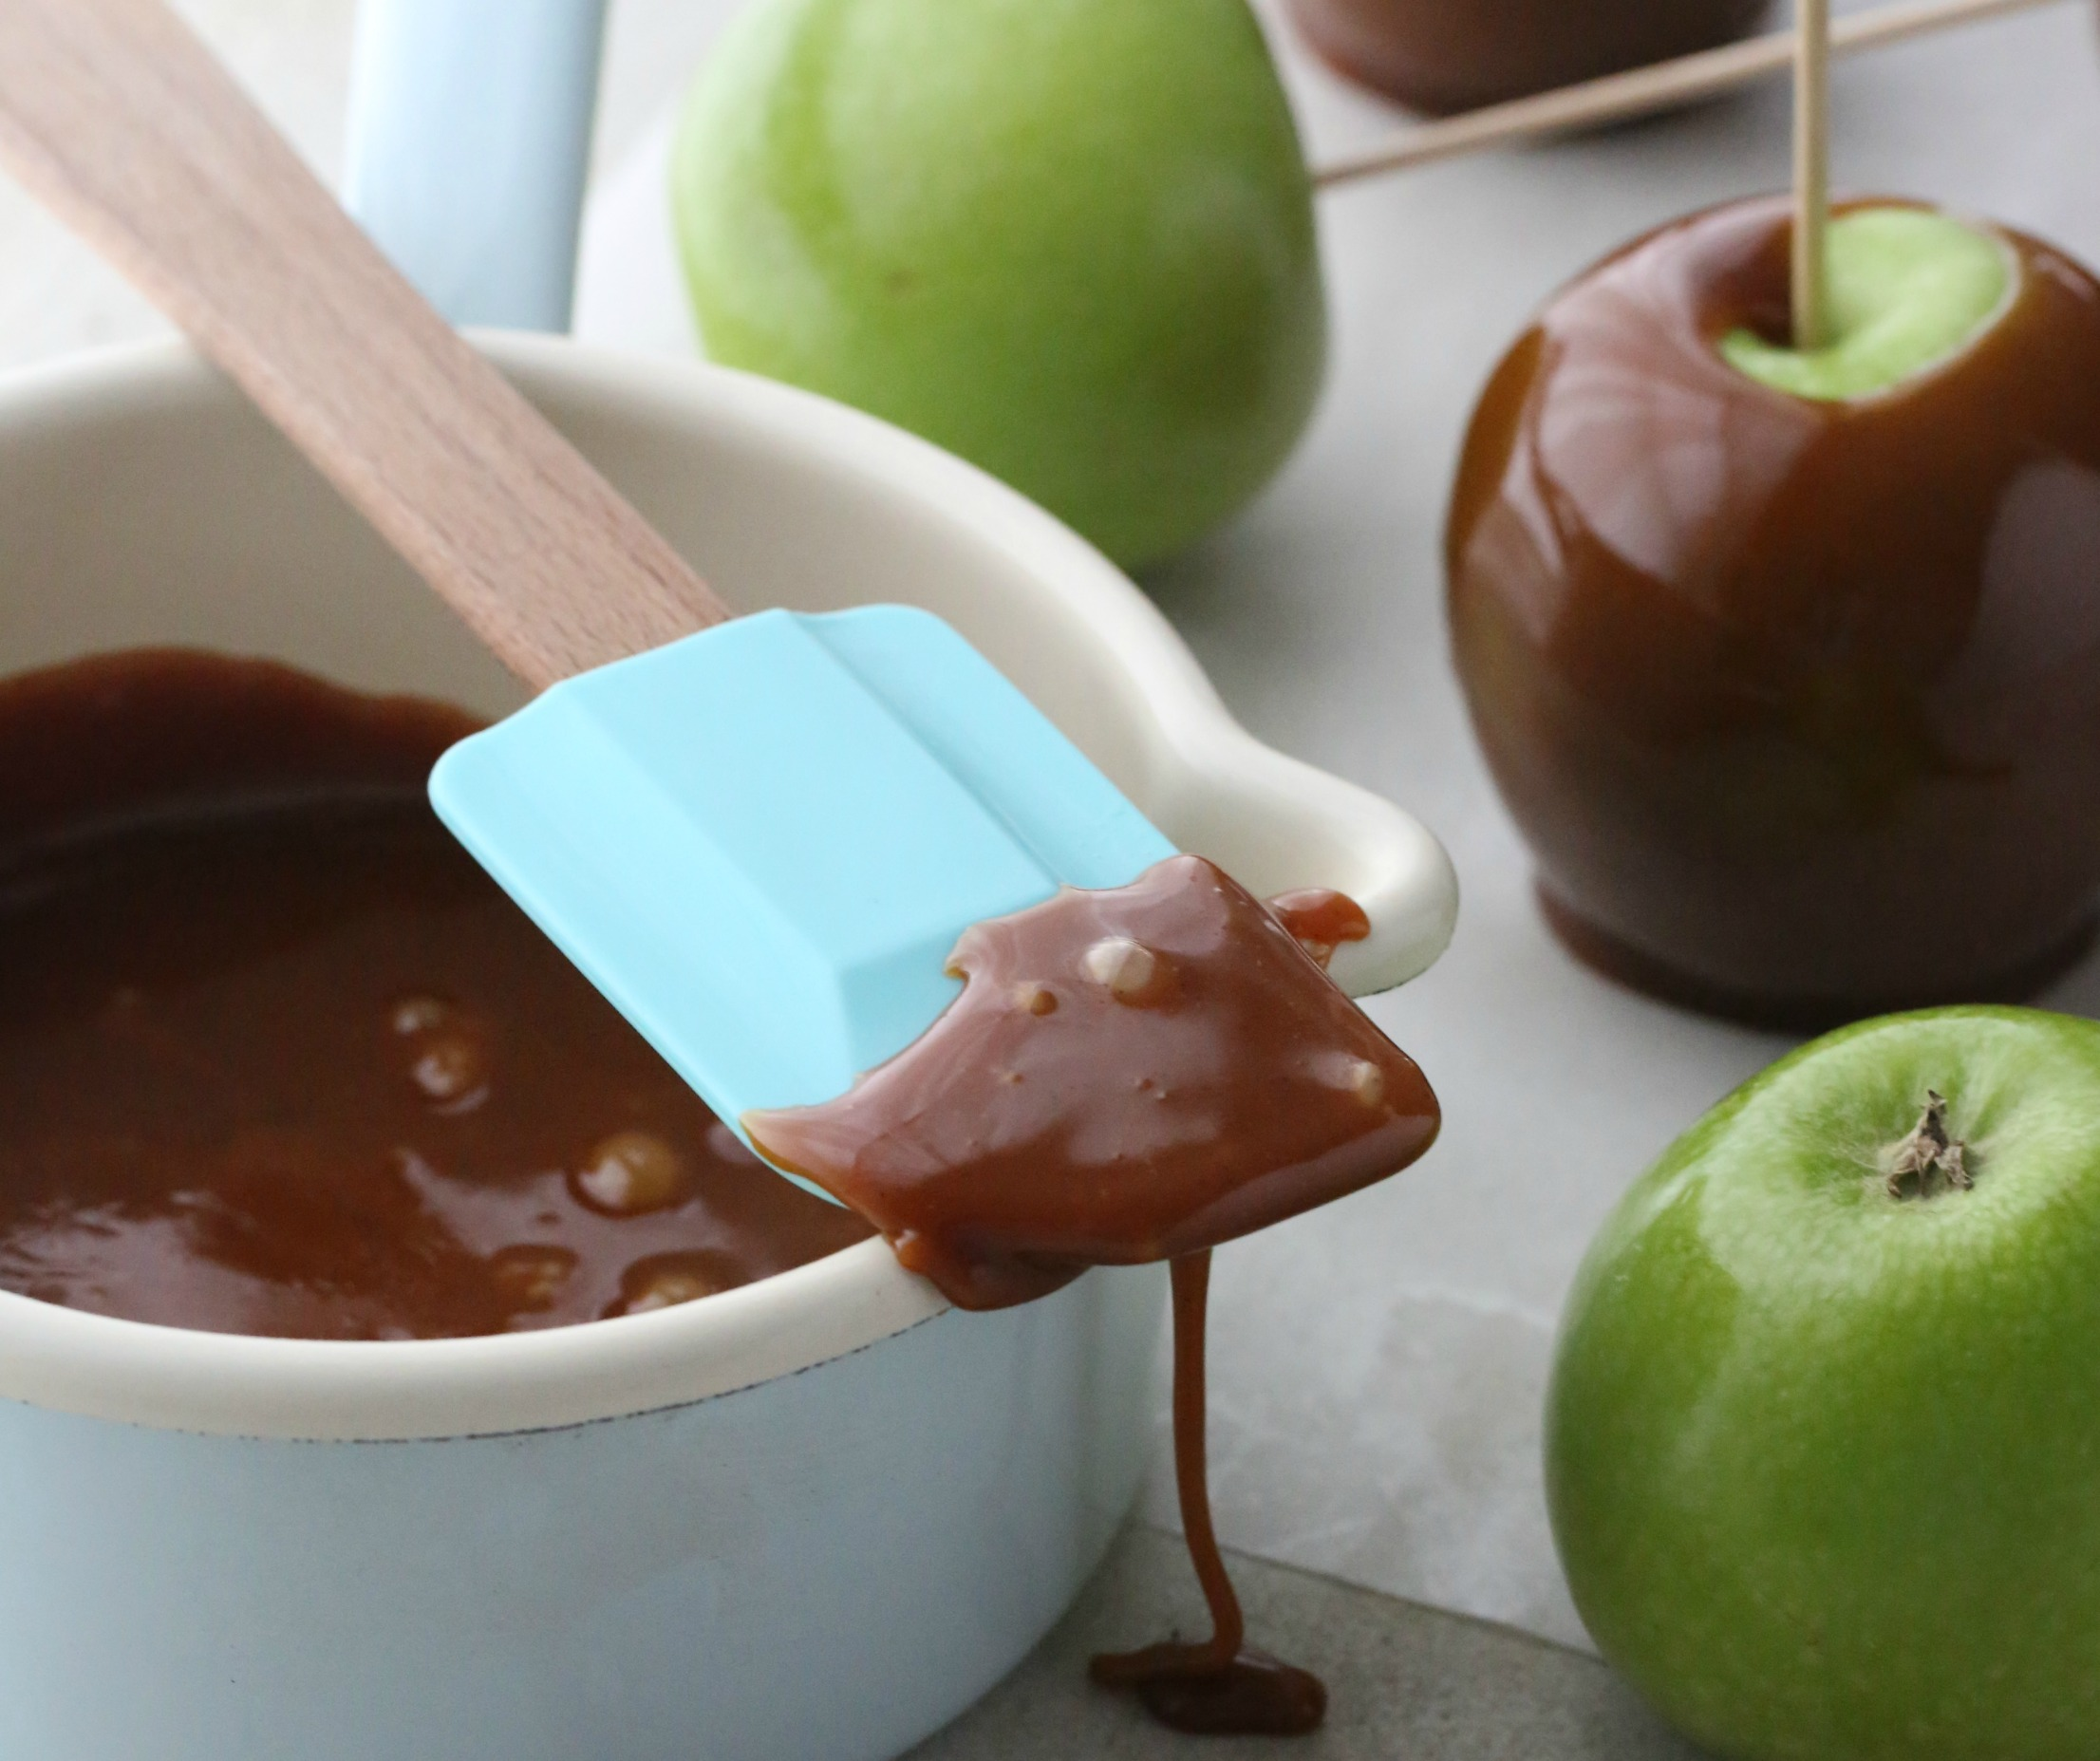 Manuela's Diner episode 11,  caramel apples